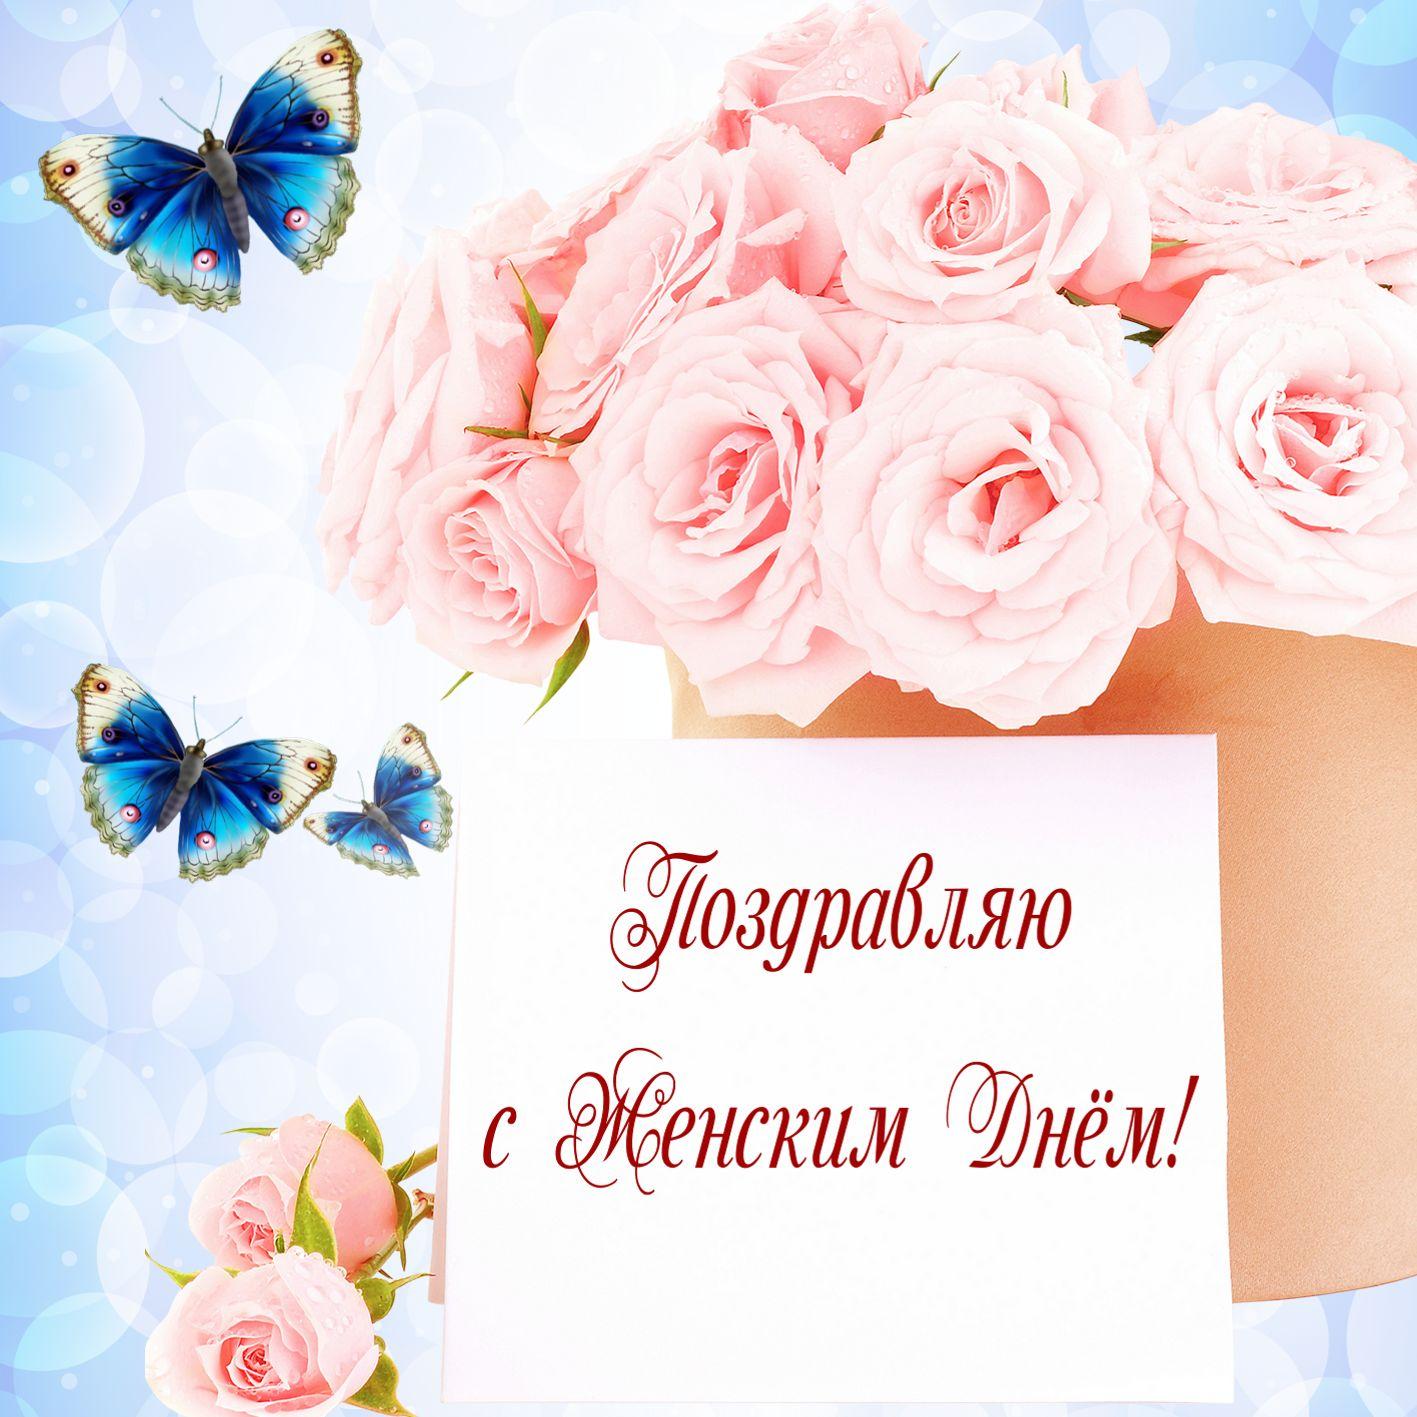 Открытка с 8 марта - нежные розы с бабочками и поздравлением